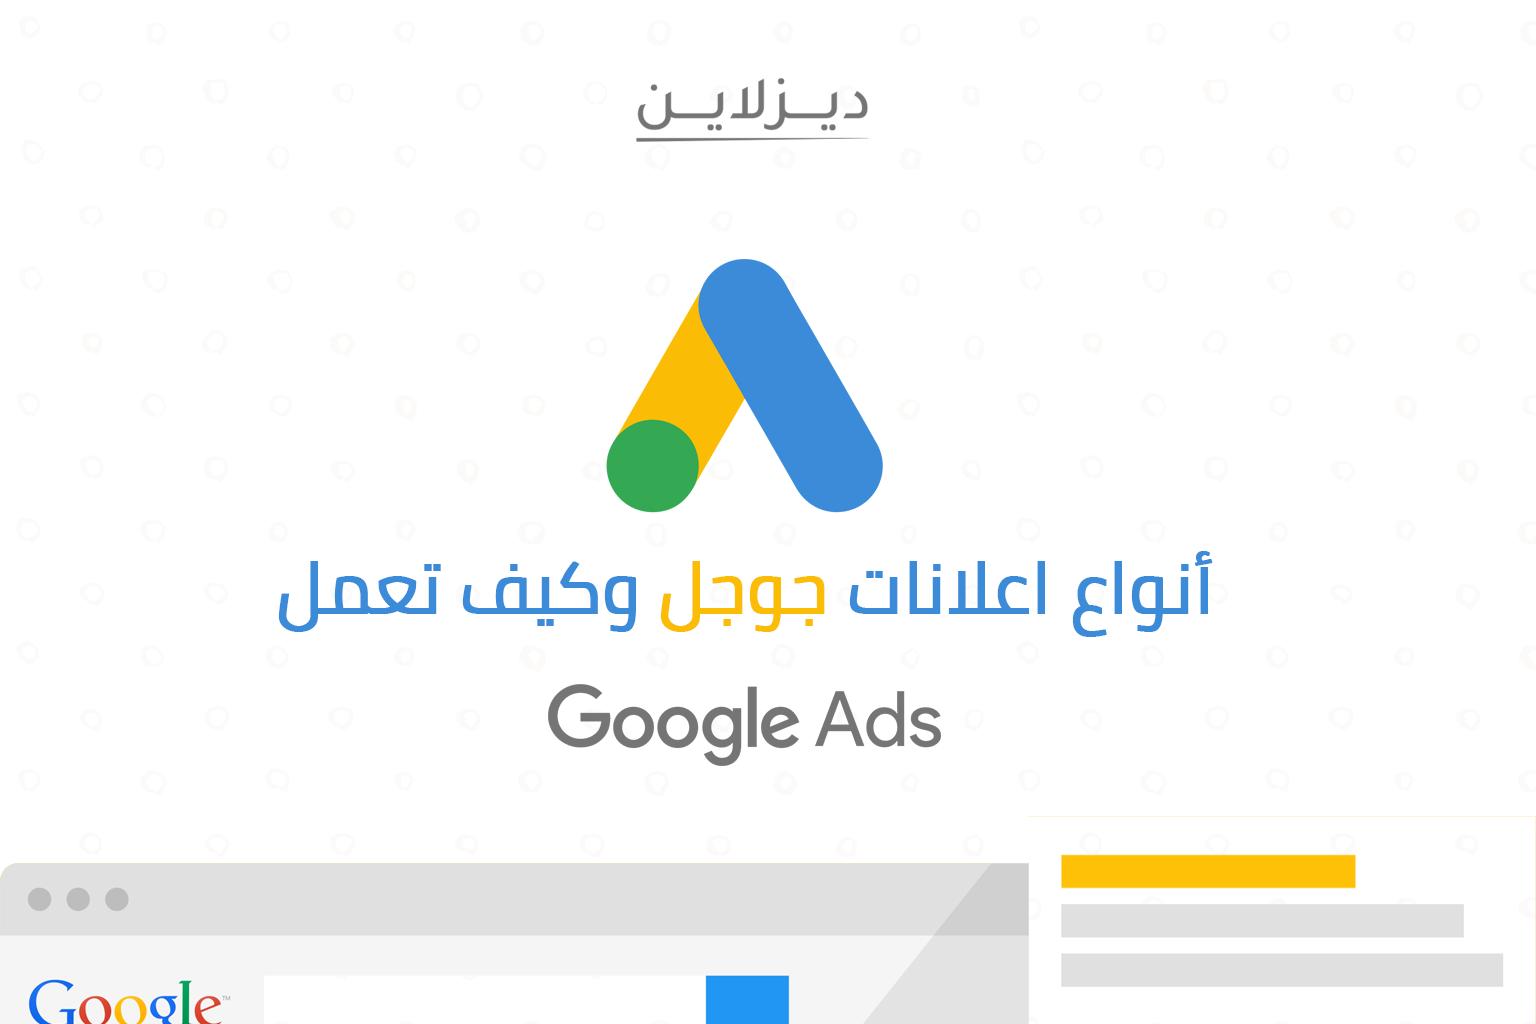 أنواع اعلانات جوجل وكيف تعمل